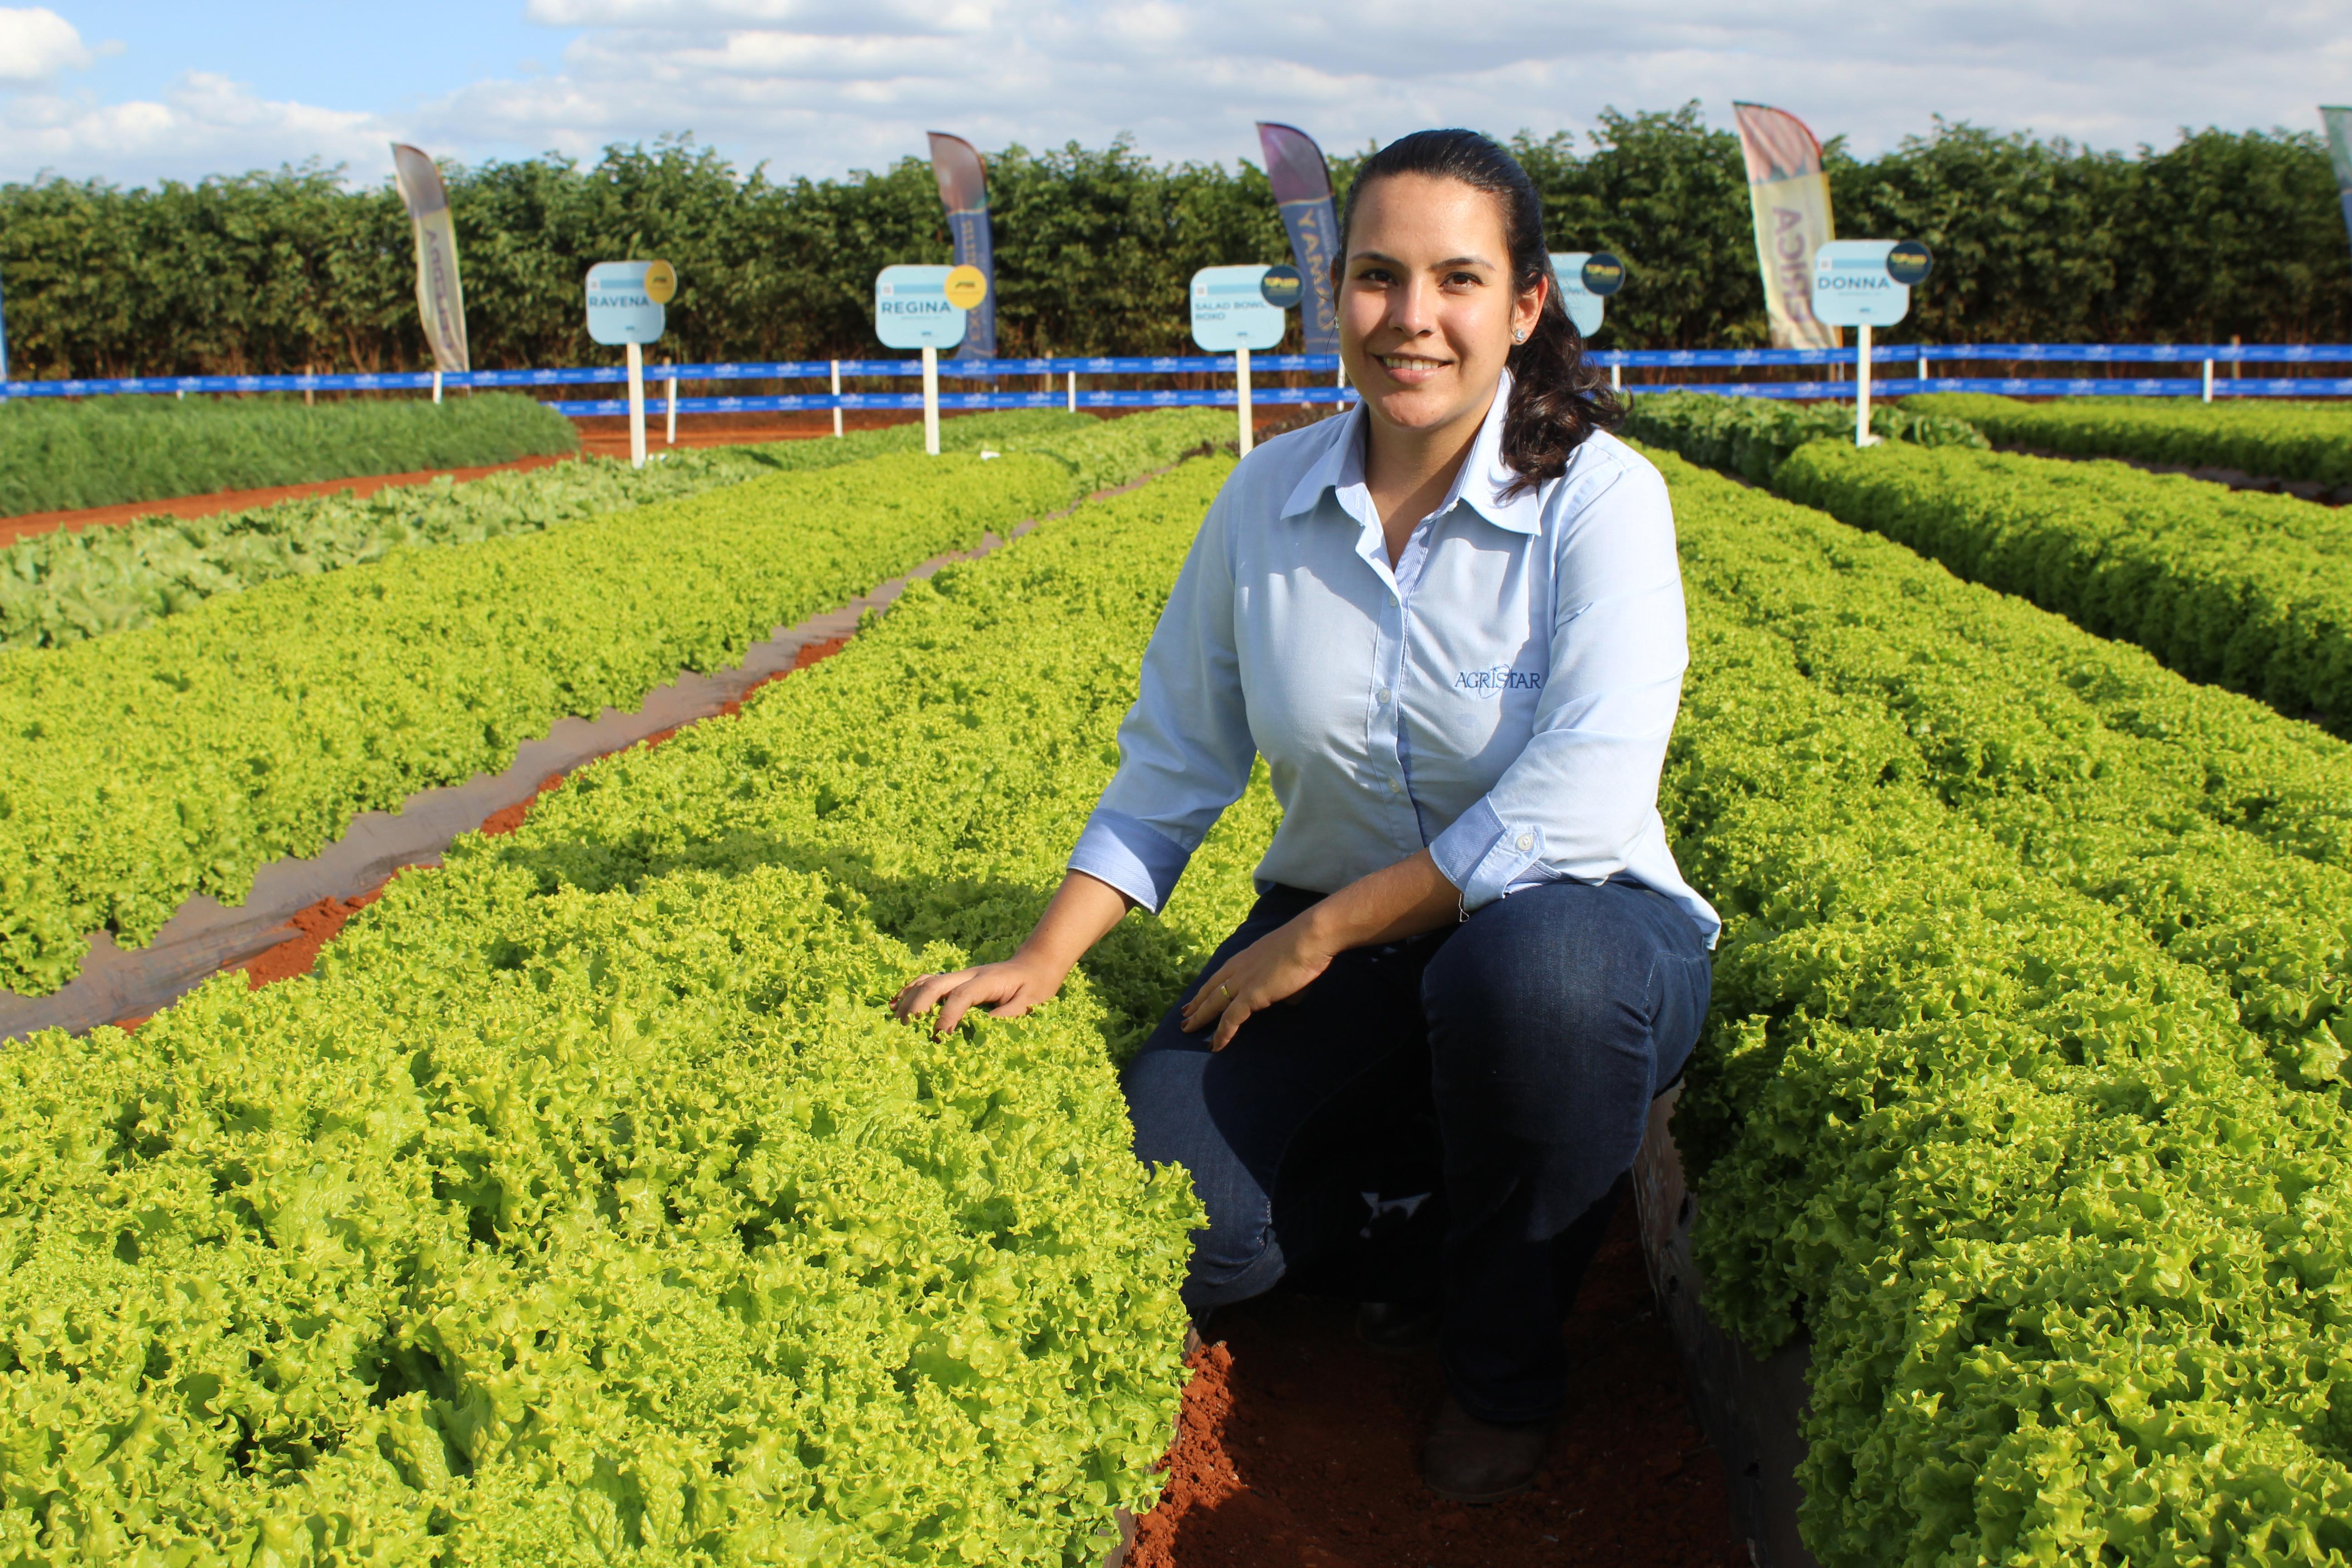 Agristar do Brasil cria programa de melhoramento de alfaces e contrata pesquisadora